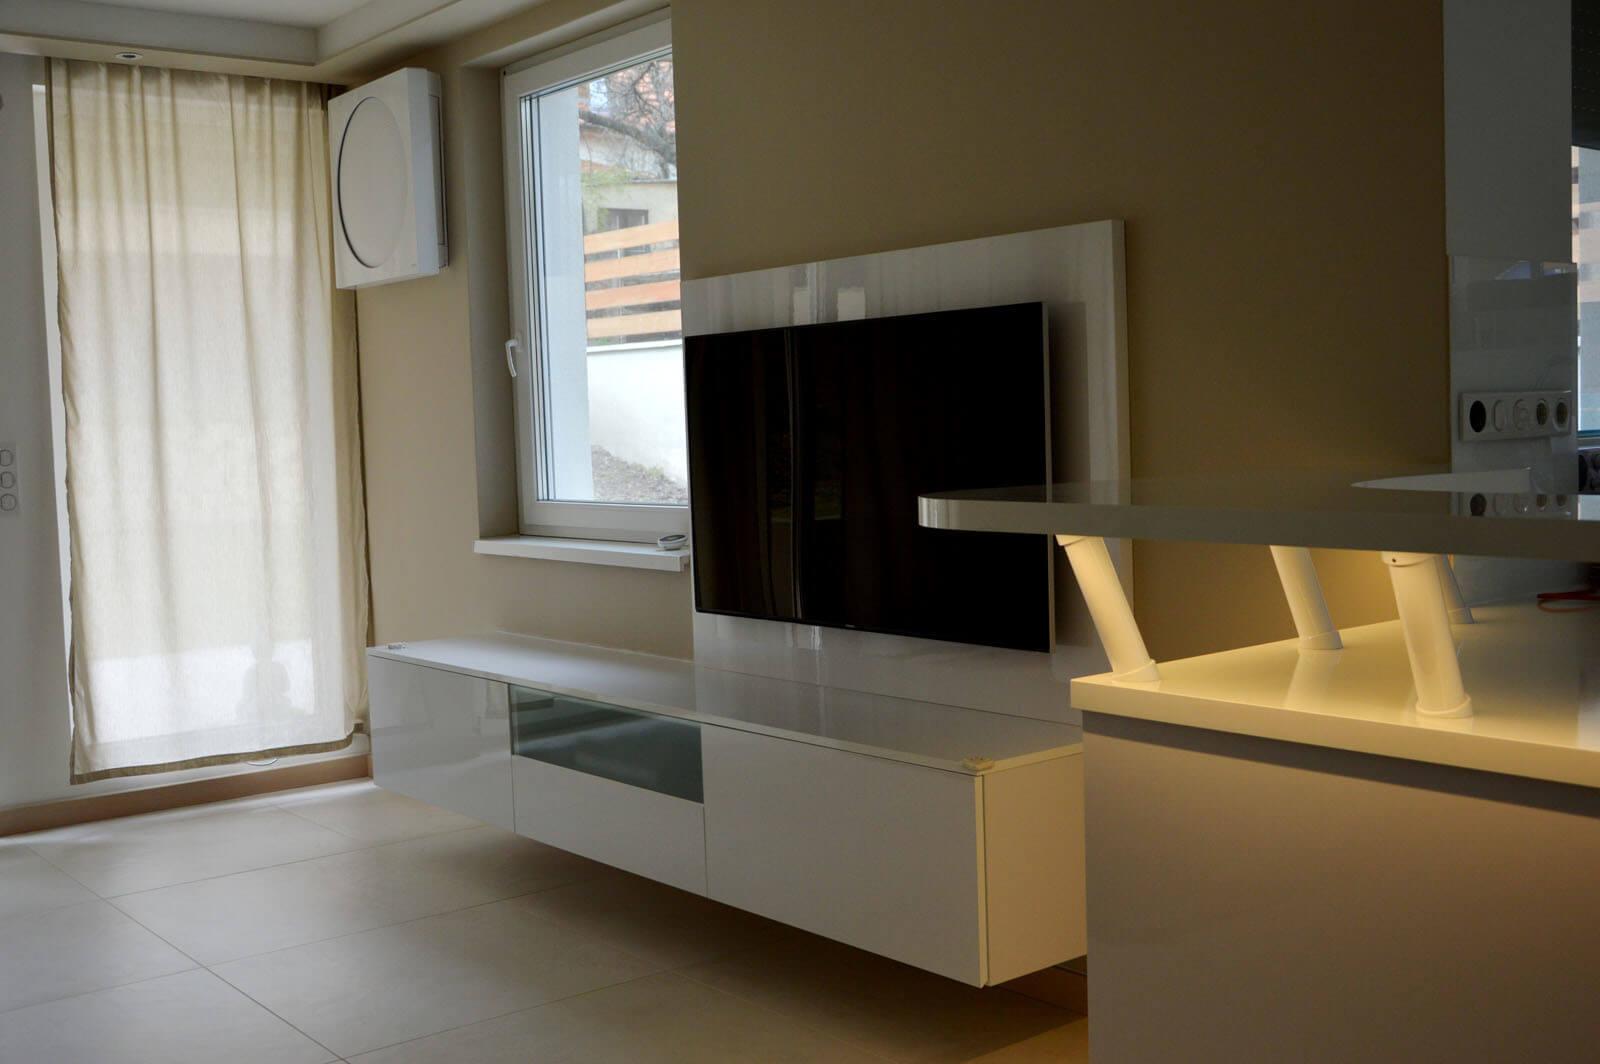 Egyedi nappali médiaszekrény készítés lebegő kivitelben, fiókokkal